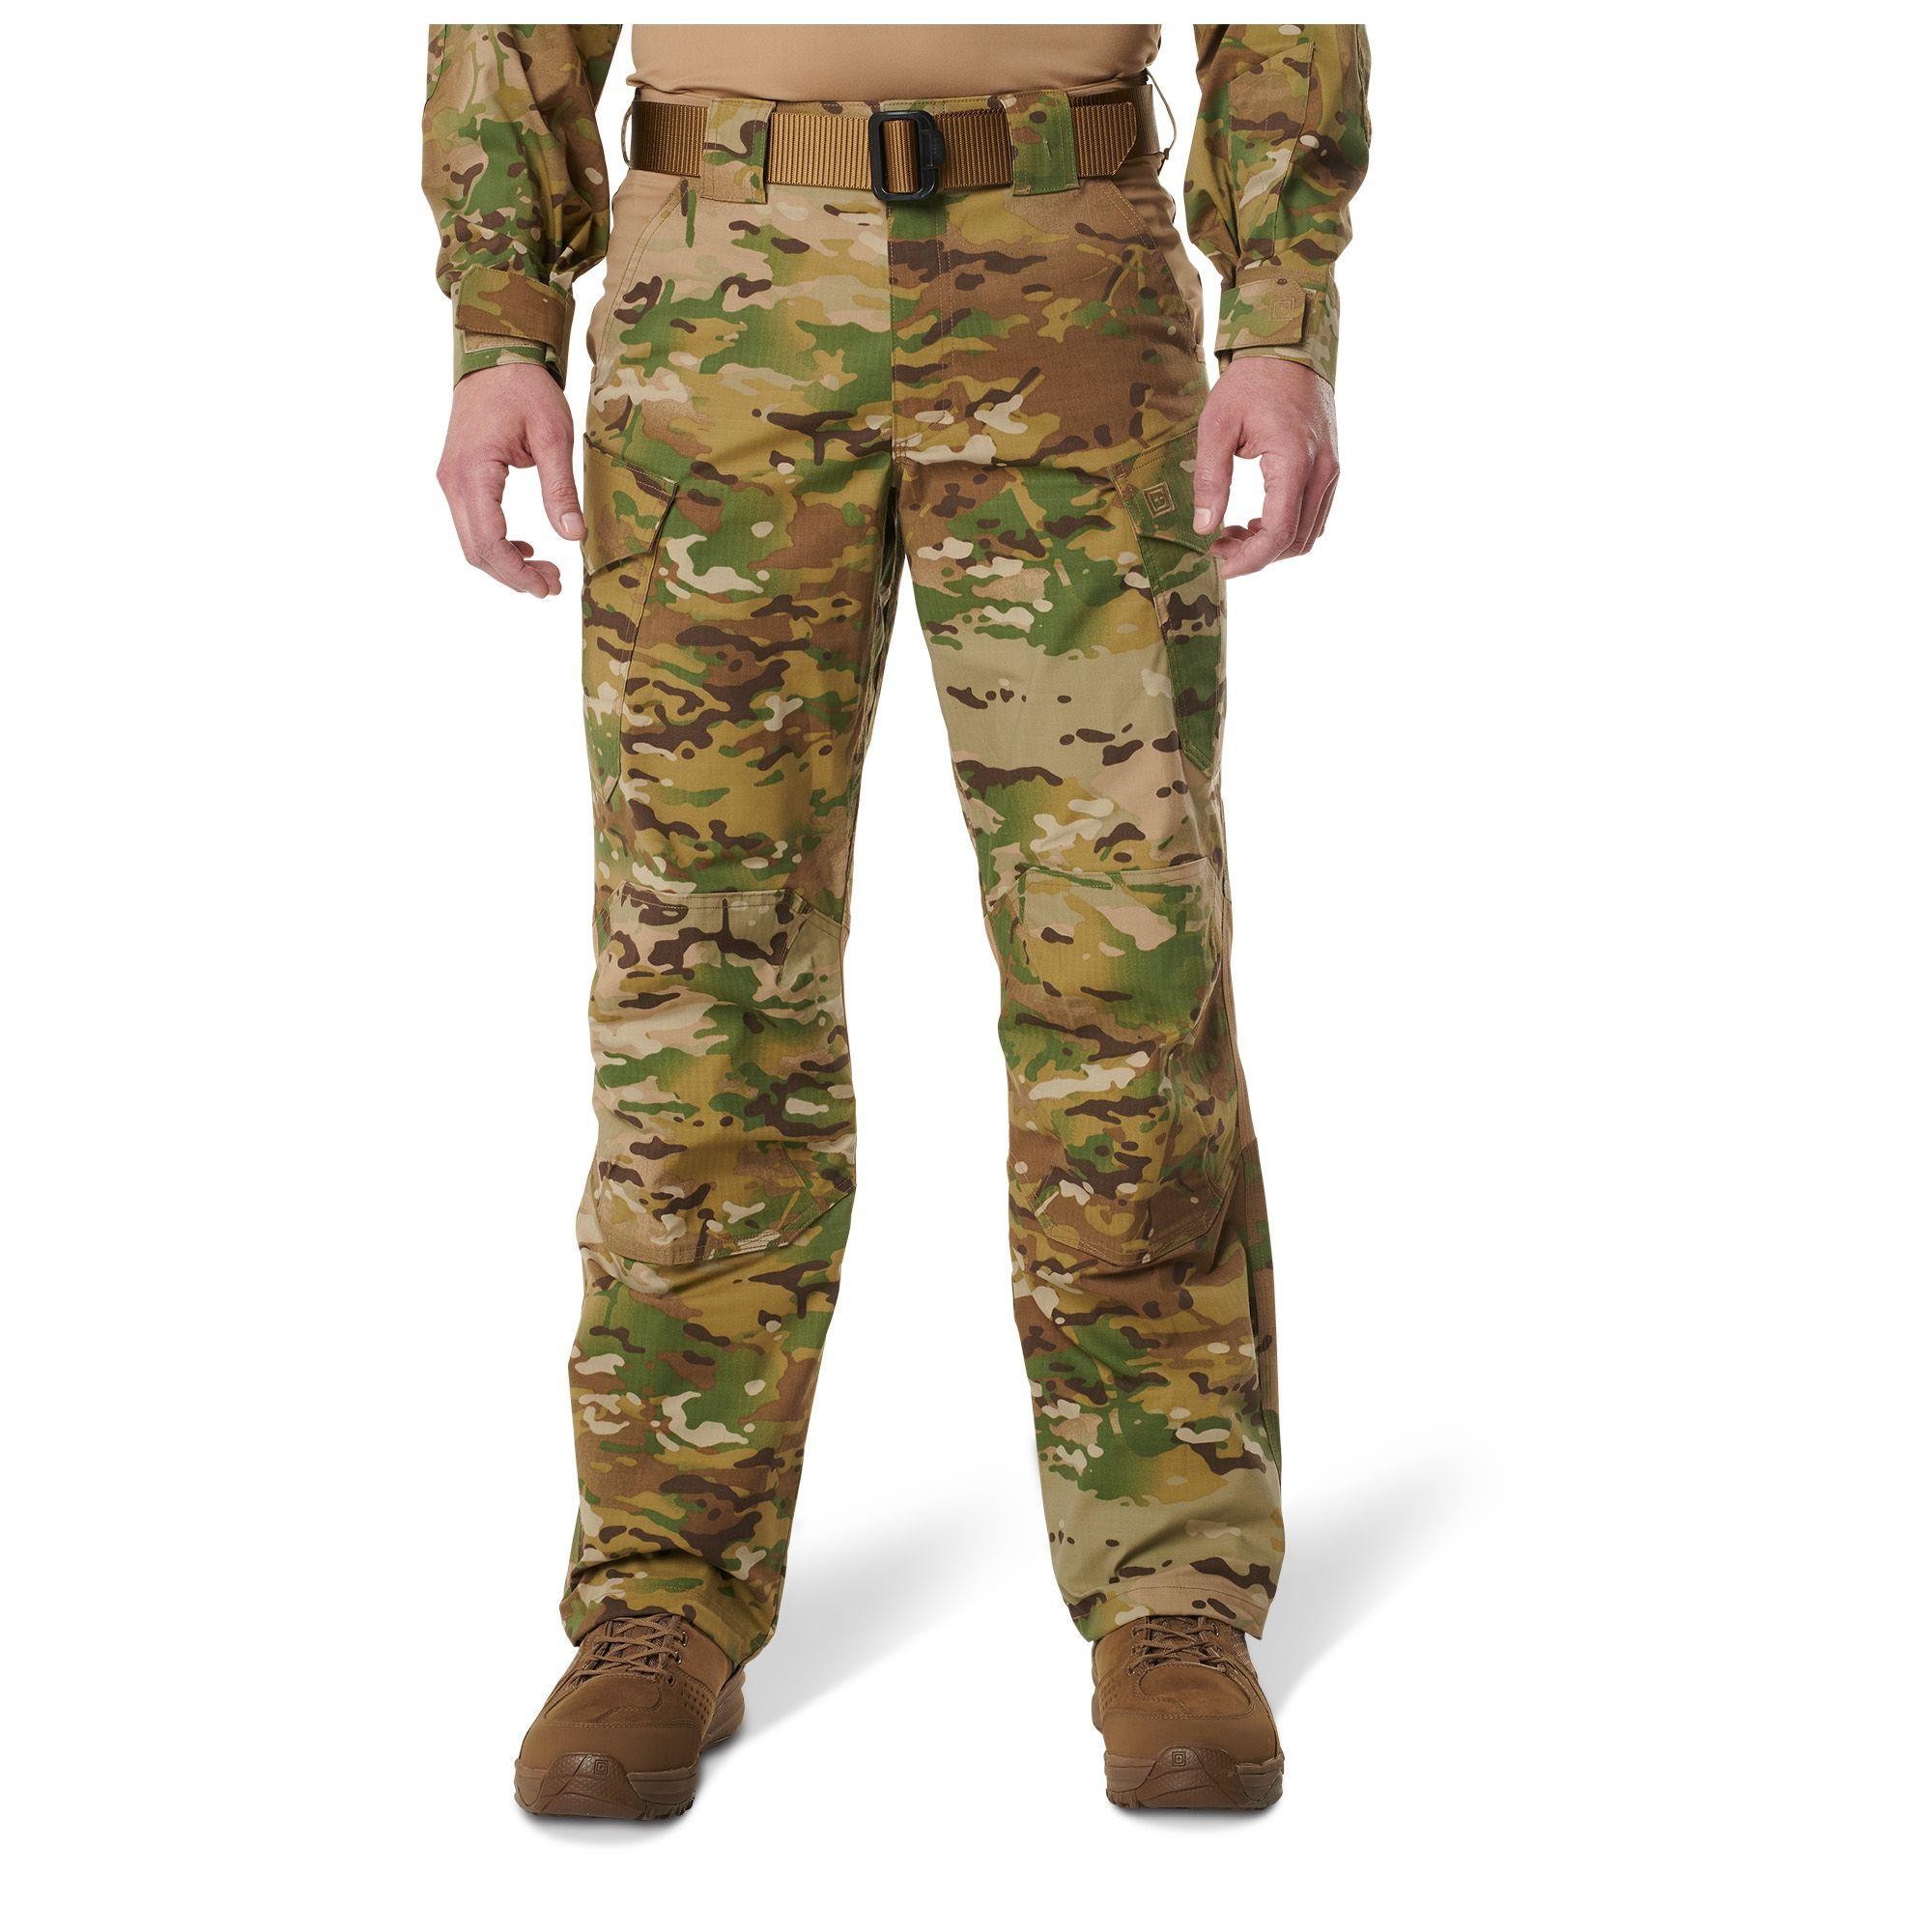 5.11 Stryke® TDU® Pants, MultiCam® INF WEAR